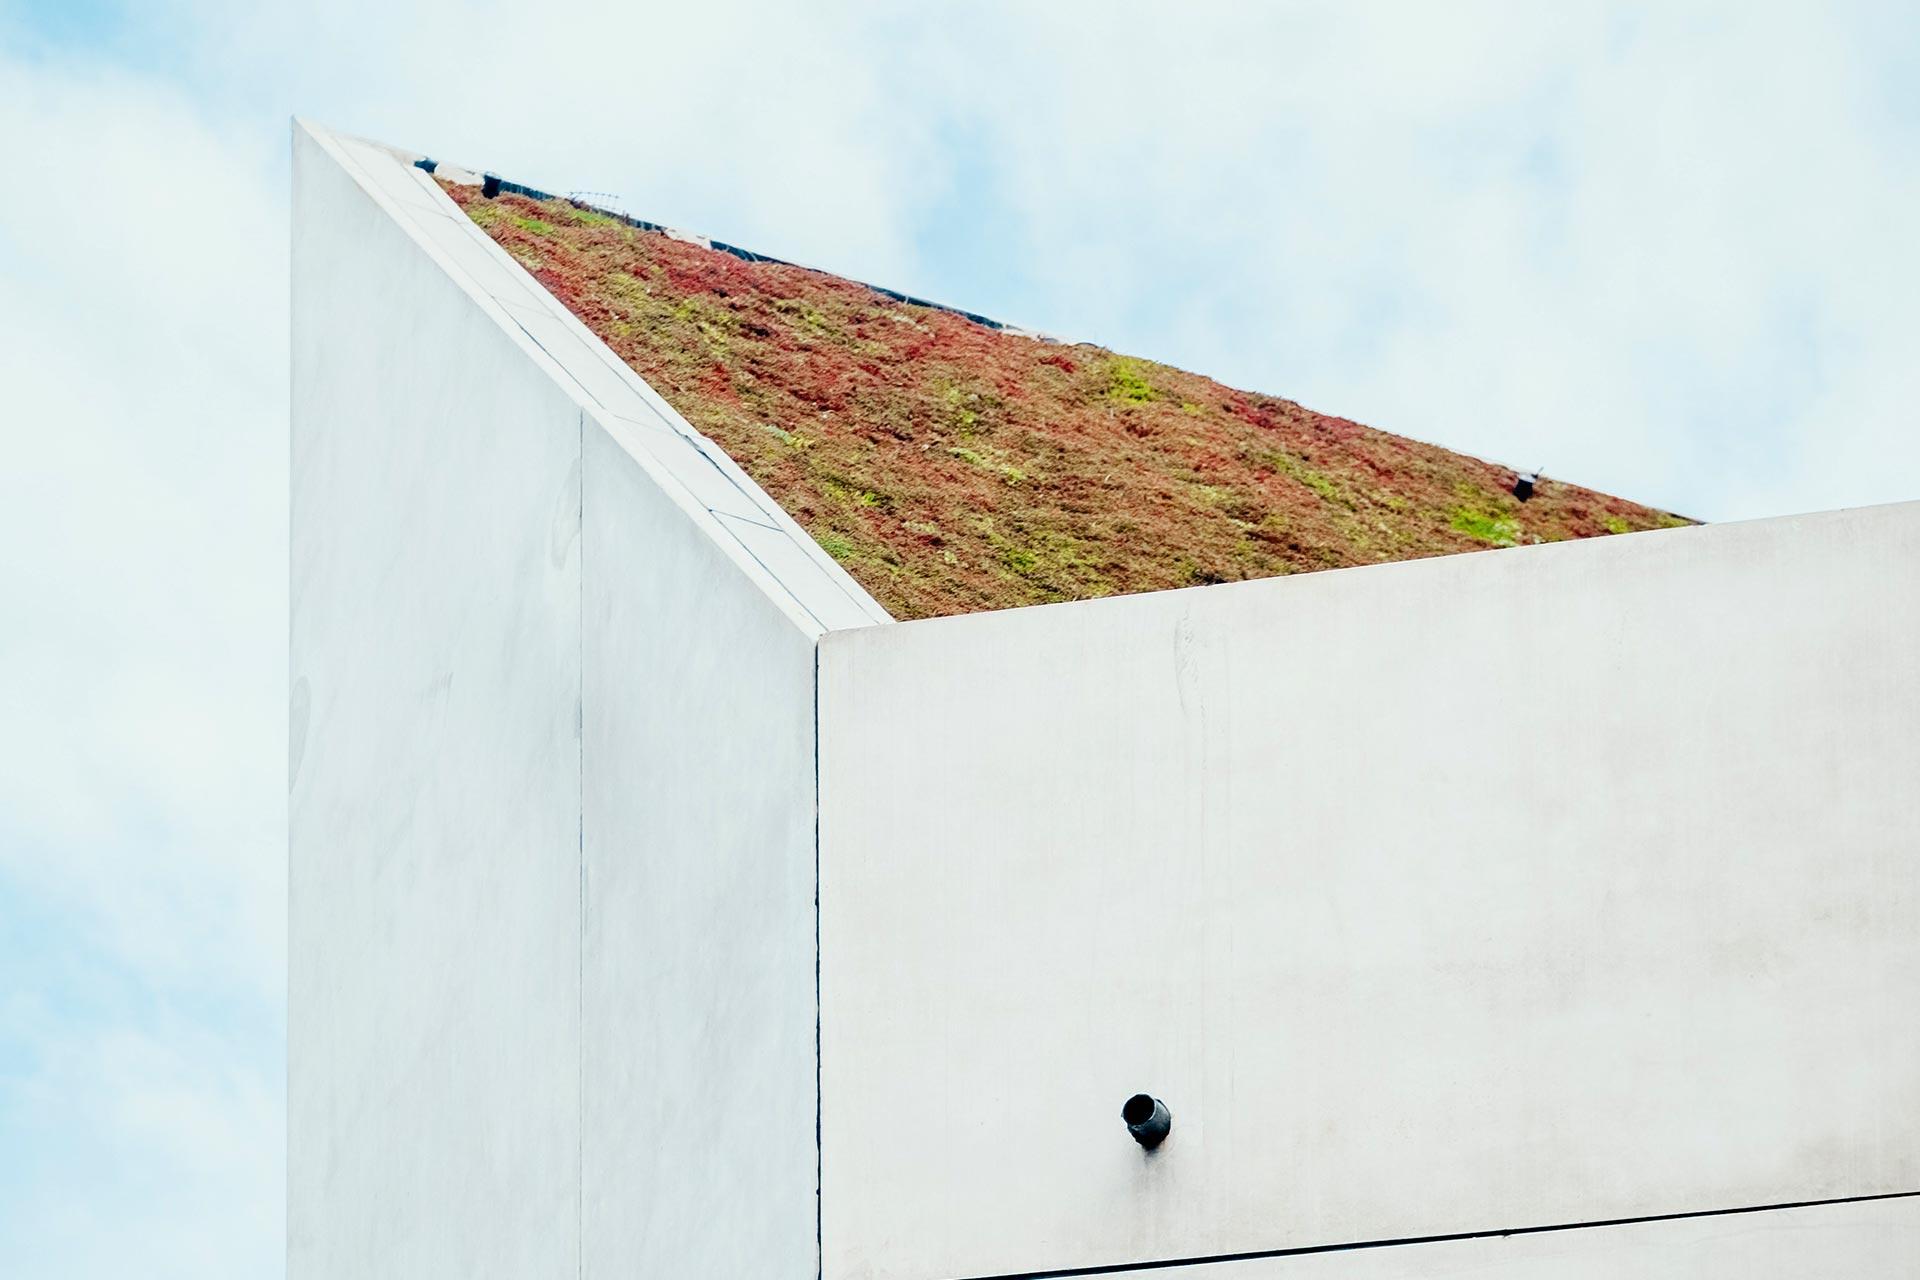 groendak renovatie door aannemer 2